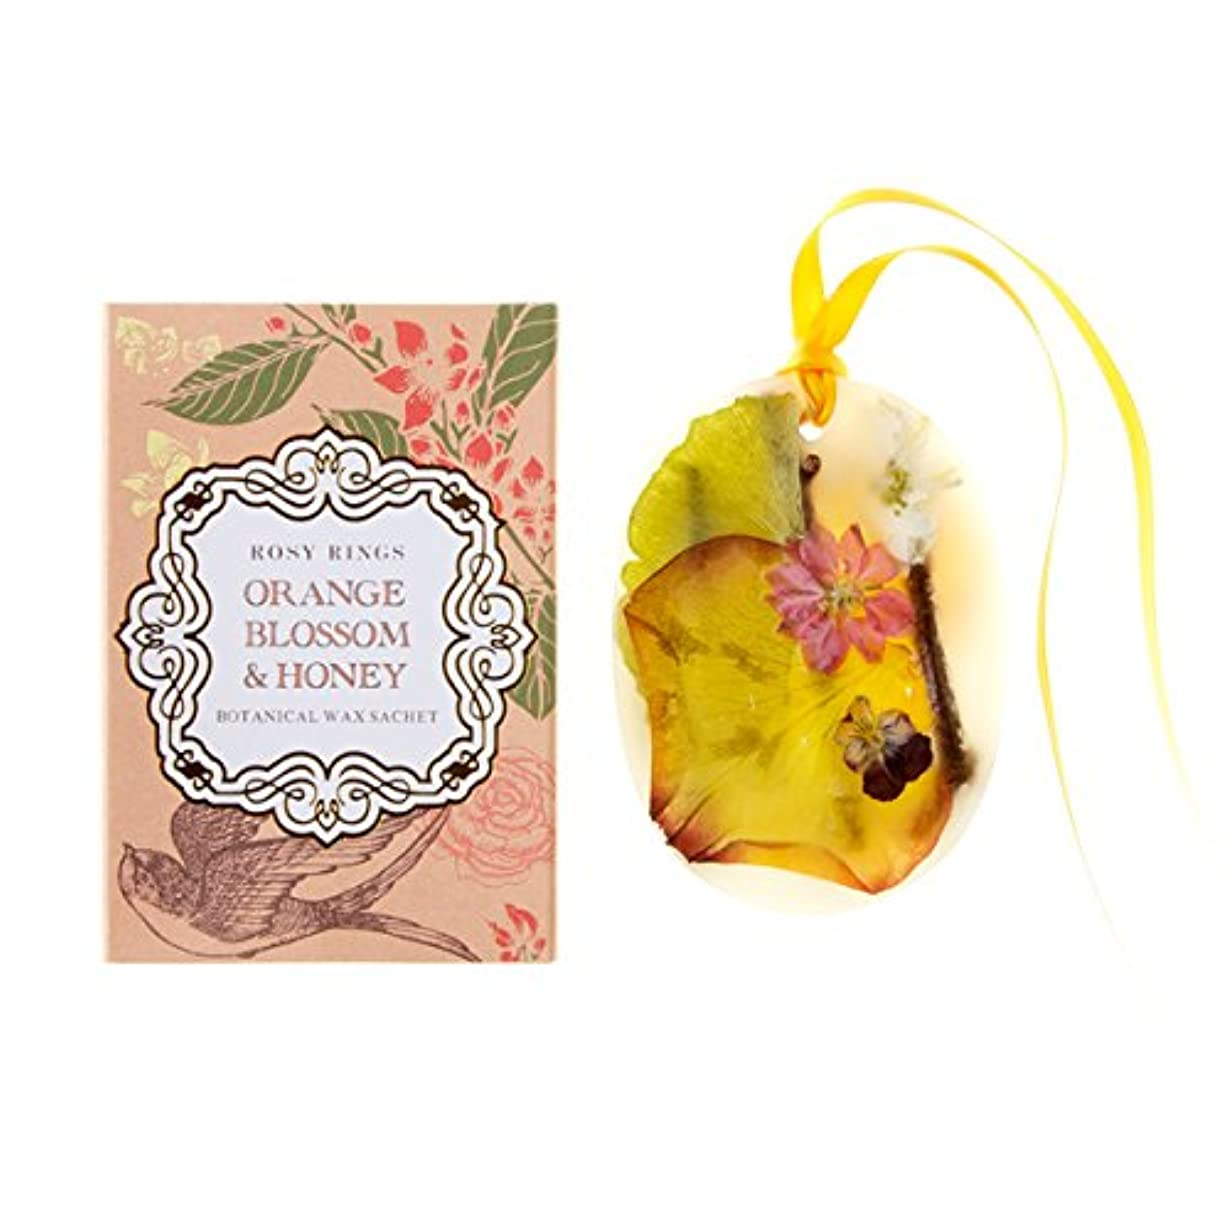 最悪落ち着いて振幅ロージーリングス プティボタニカルサシェ オレンジブロッサム&ハニー ROSY RINGS Petite Oval Botanical Wax Sachet Orange Blossom & Honey